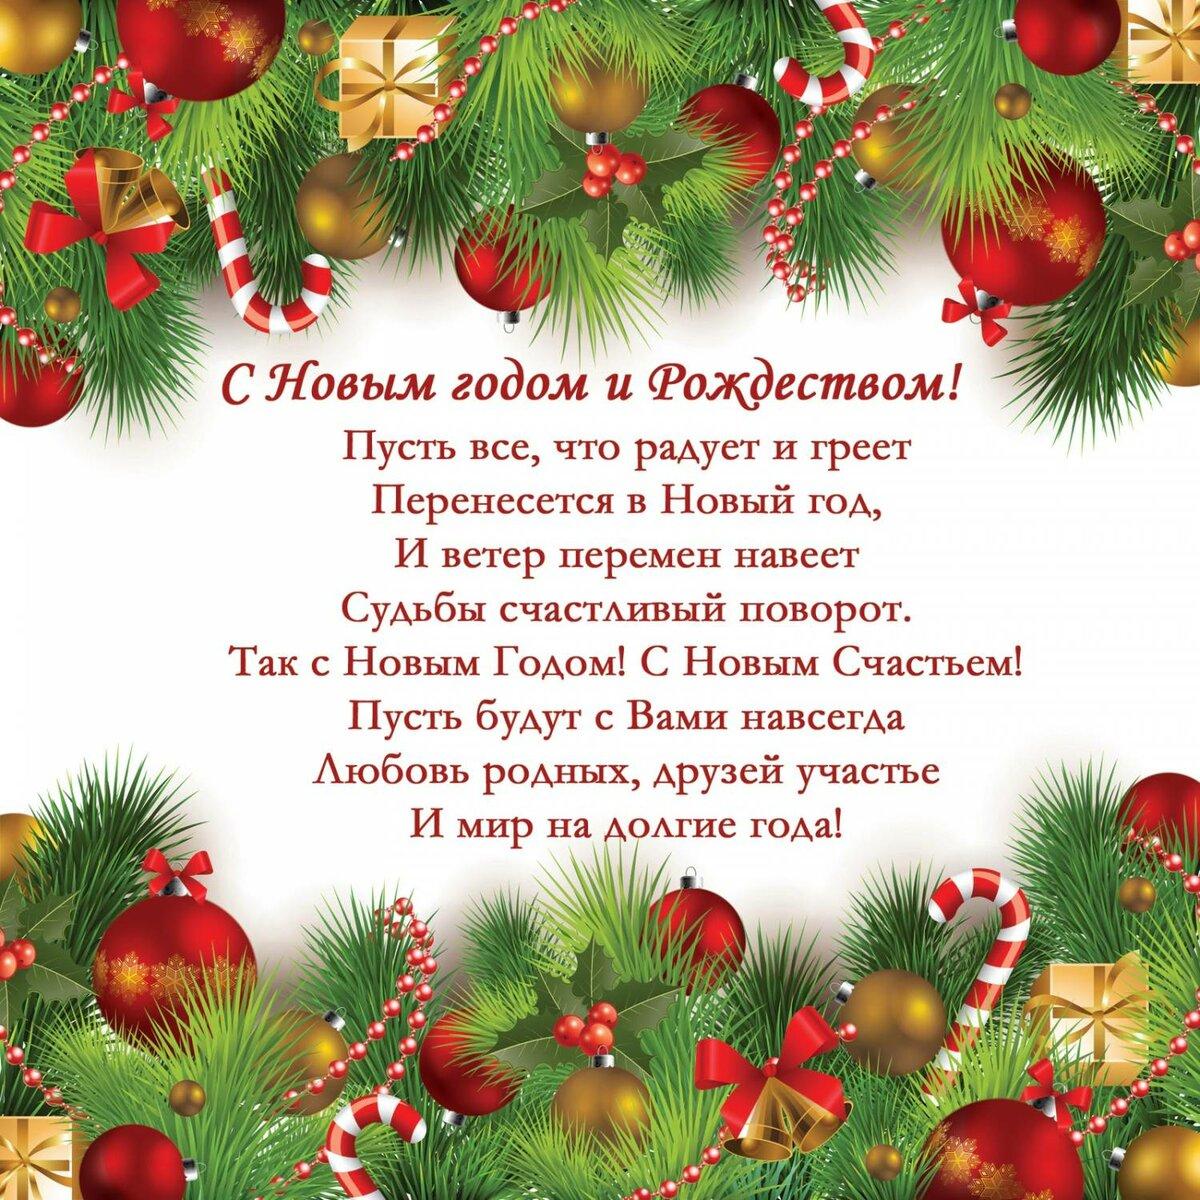 Днем, открытки и стихи с поздравлениями нового года